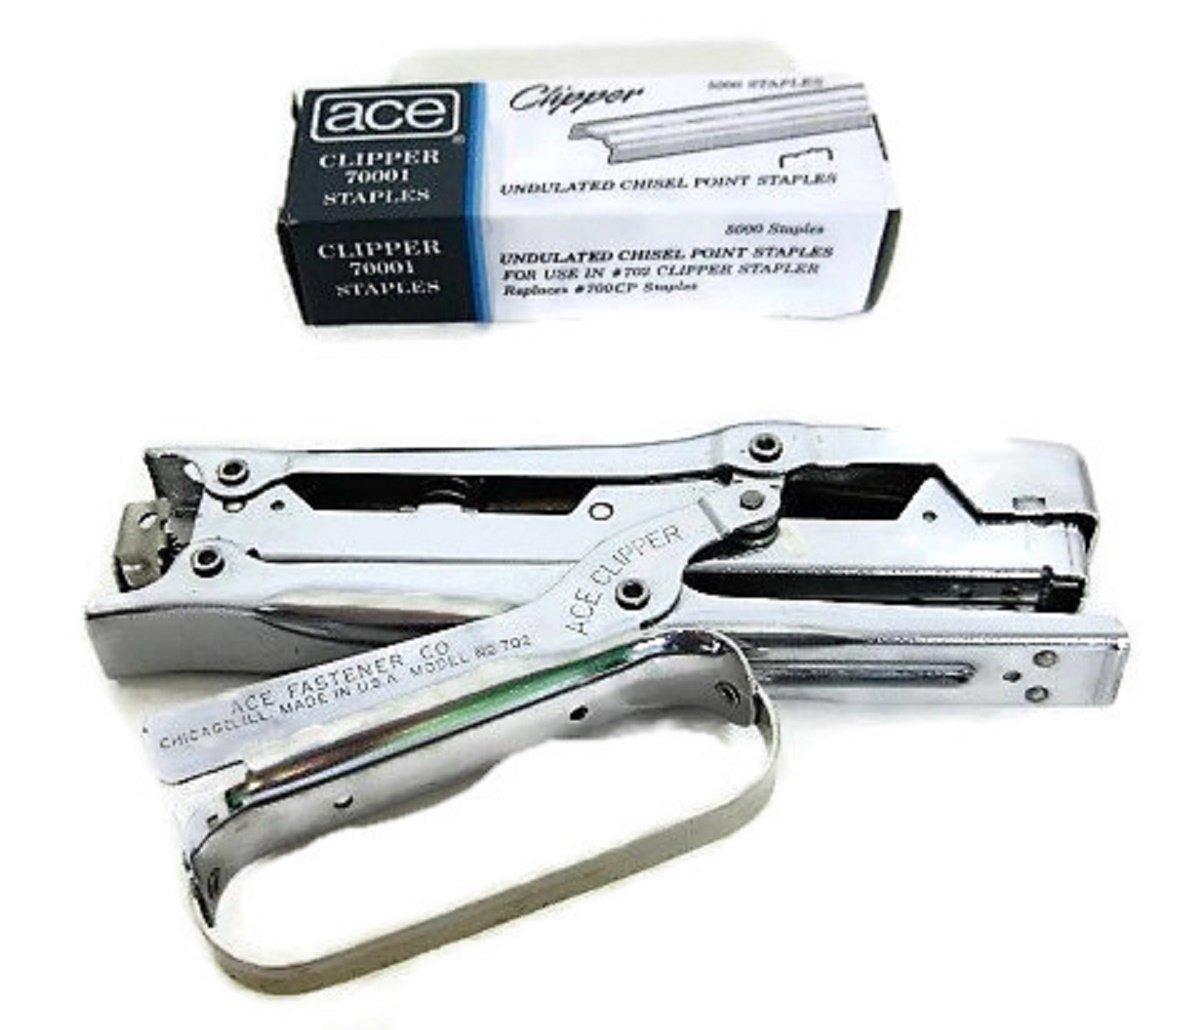 Ace 07020 Clipper Stapler Lightweight 210 Staple Capacity Chrome